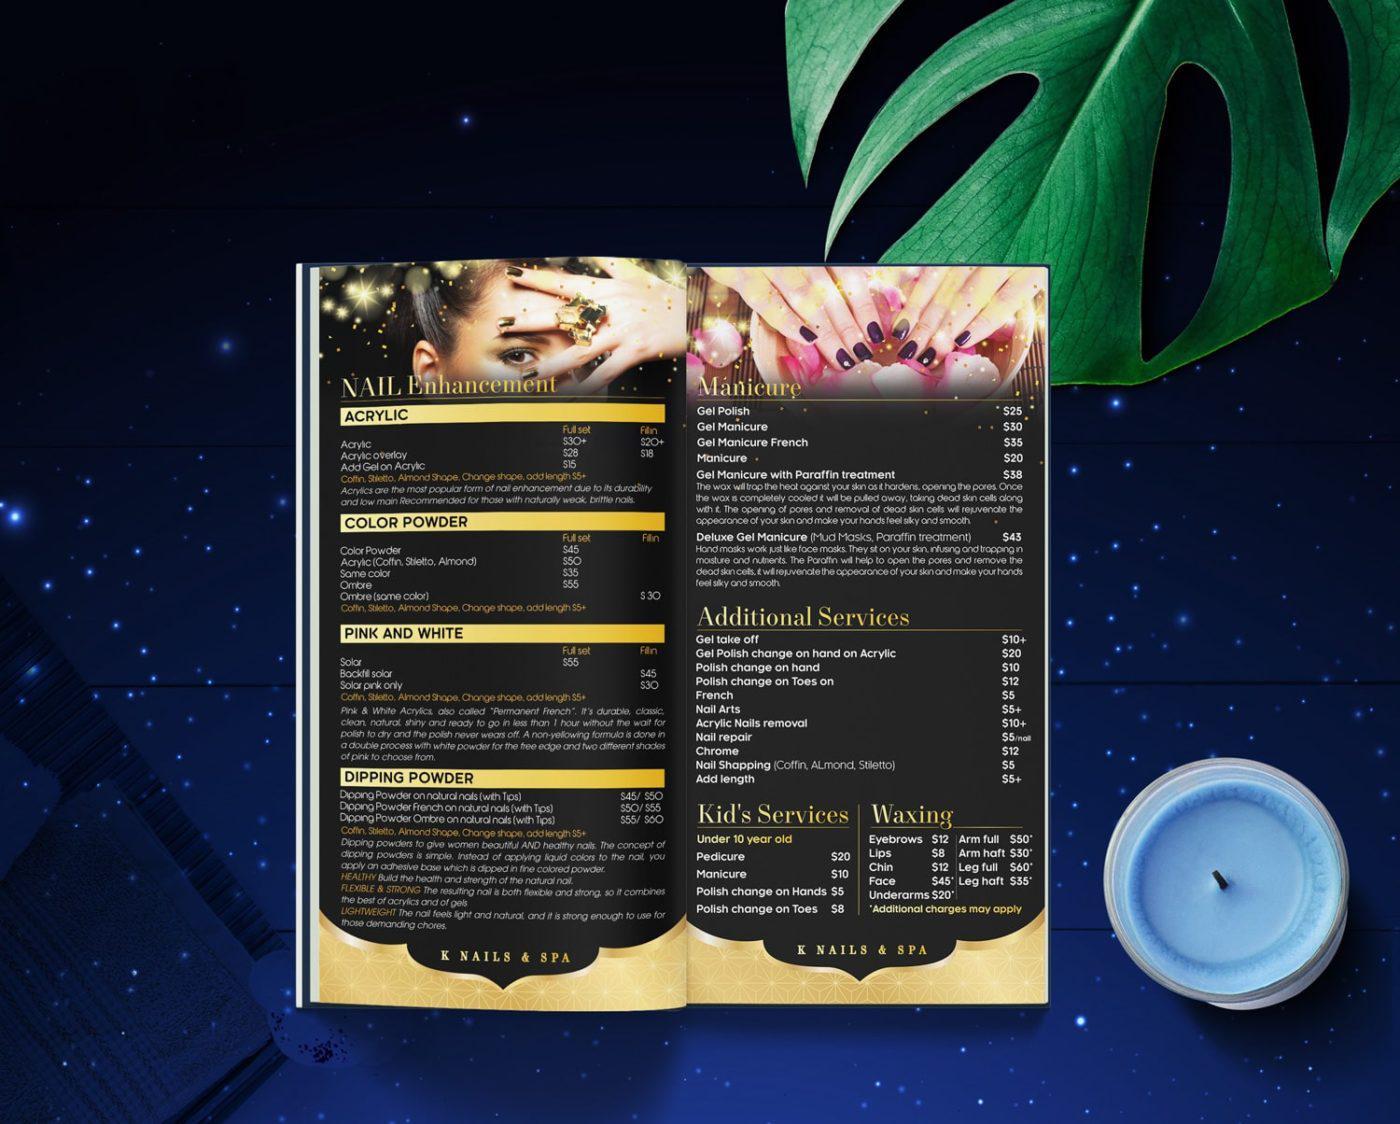 Giới thiệu mẫu thiết kế menu spa đặc sắc